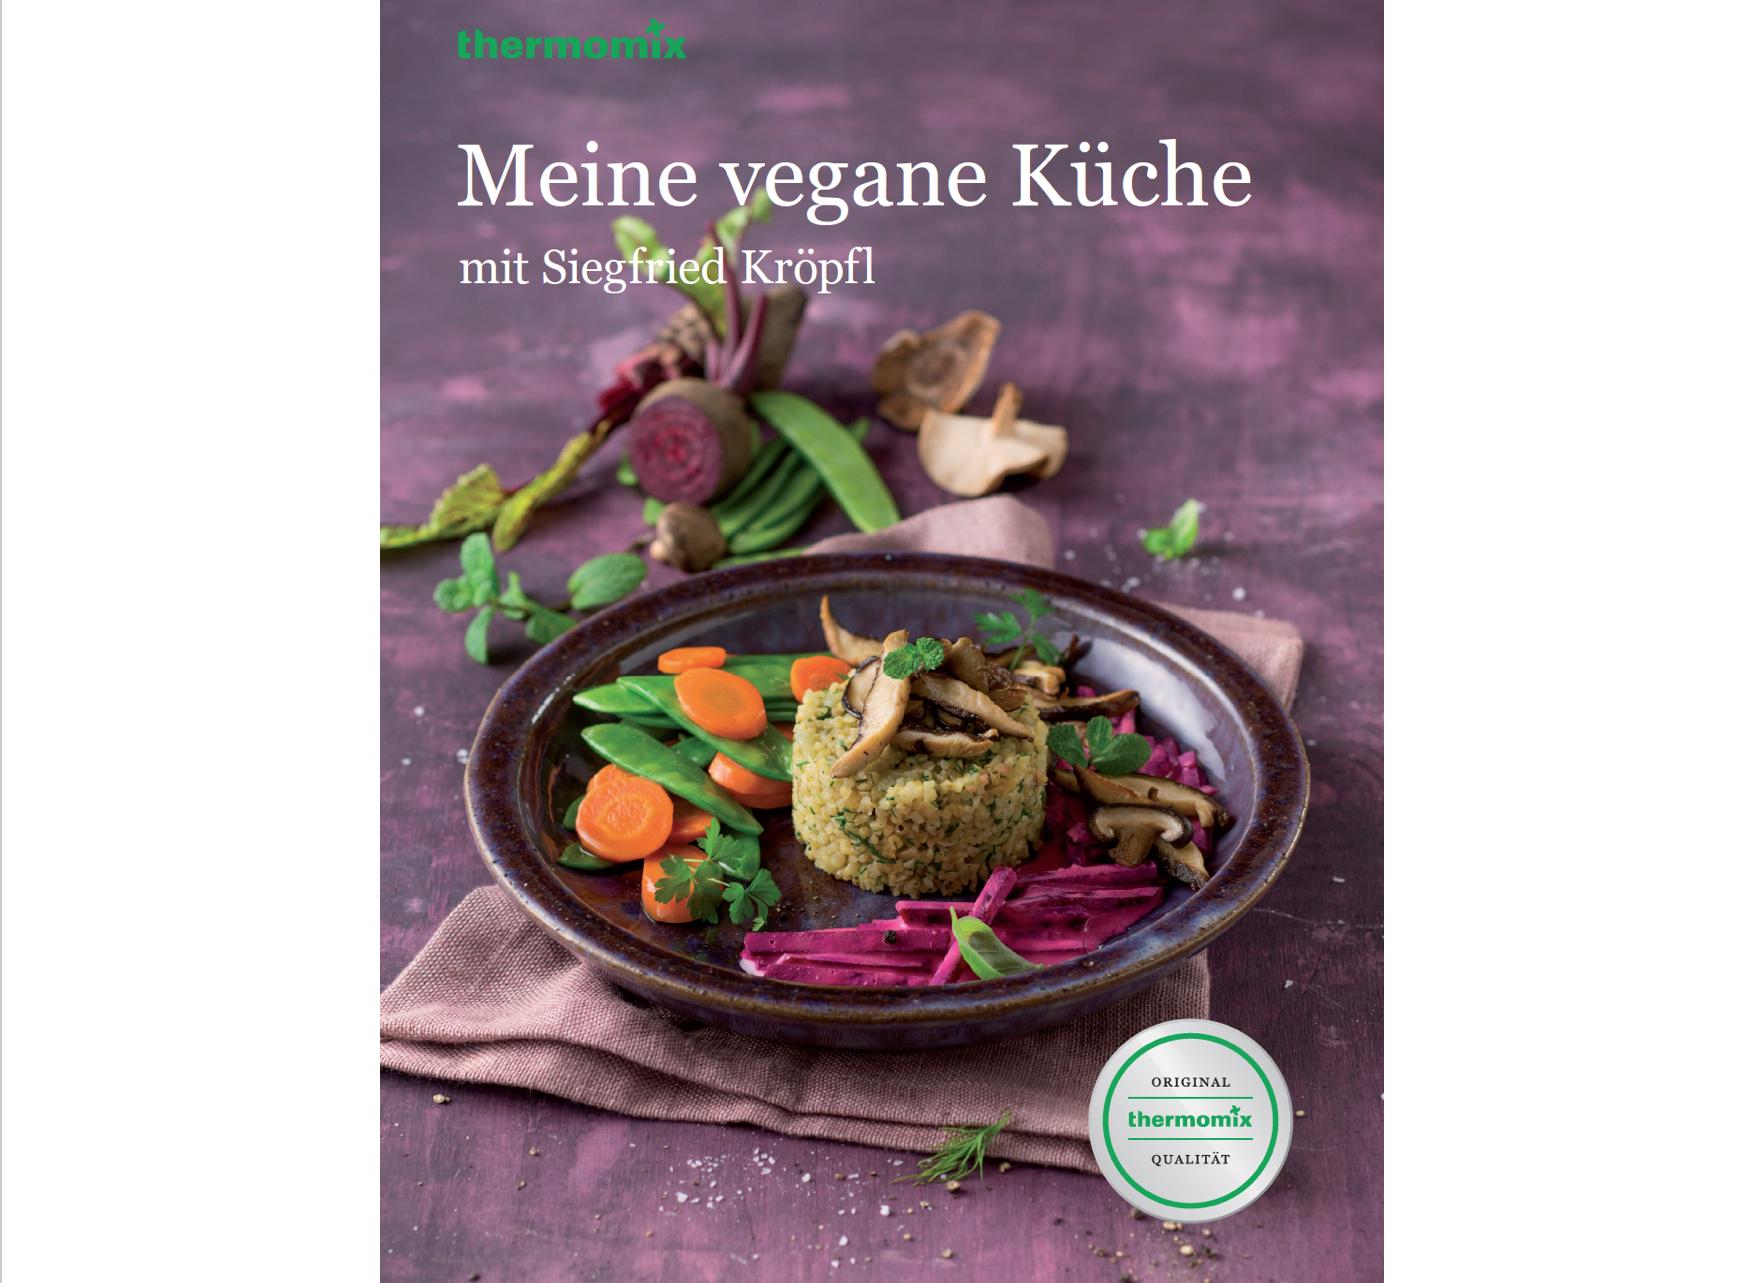 Meine vegane Küche mit Siegfried Kröpfl | Vegane Gesellschaft Österreich